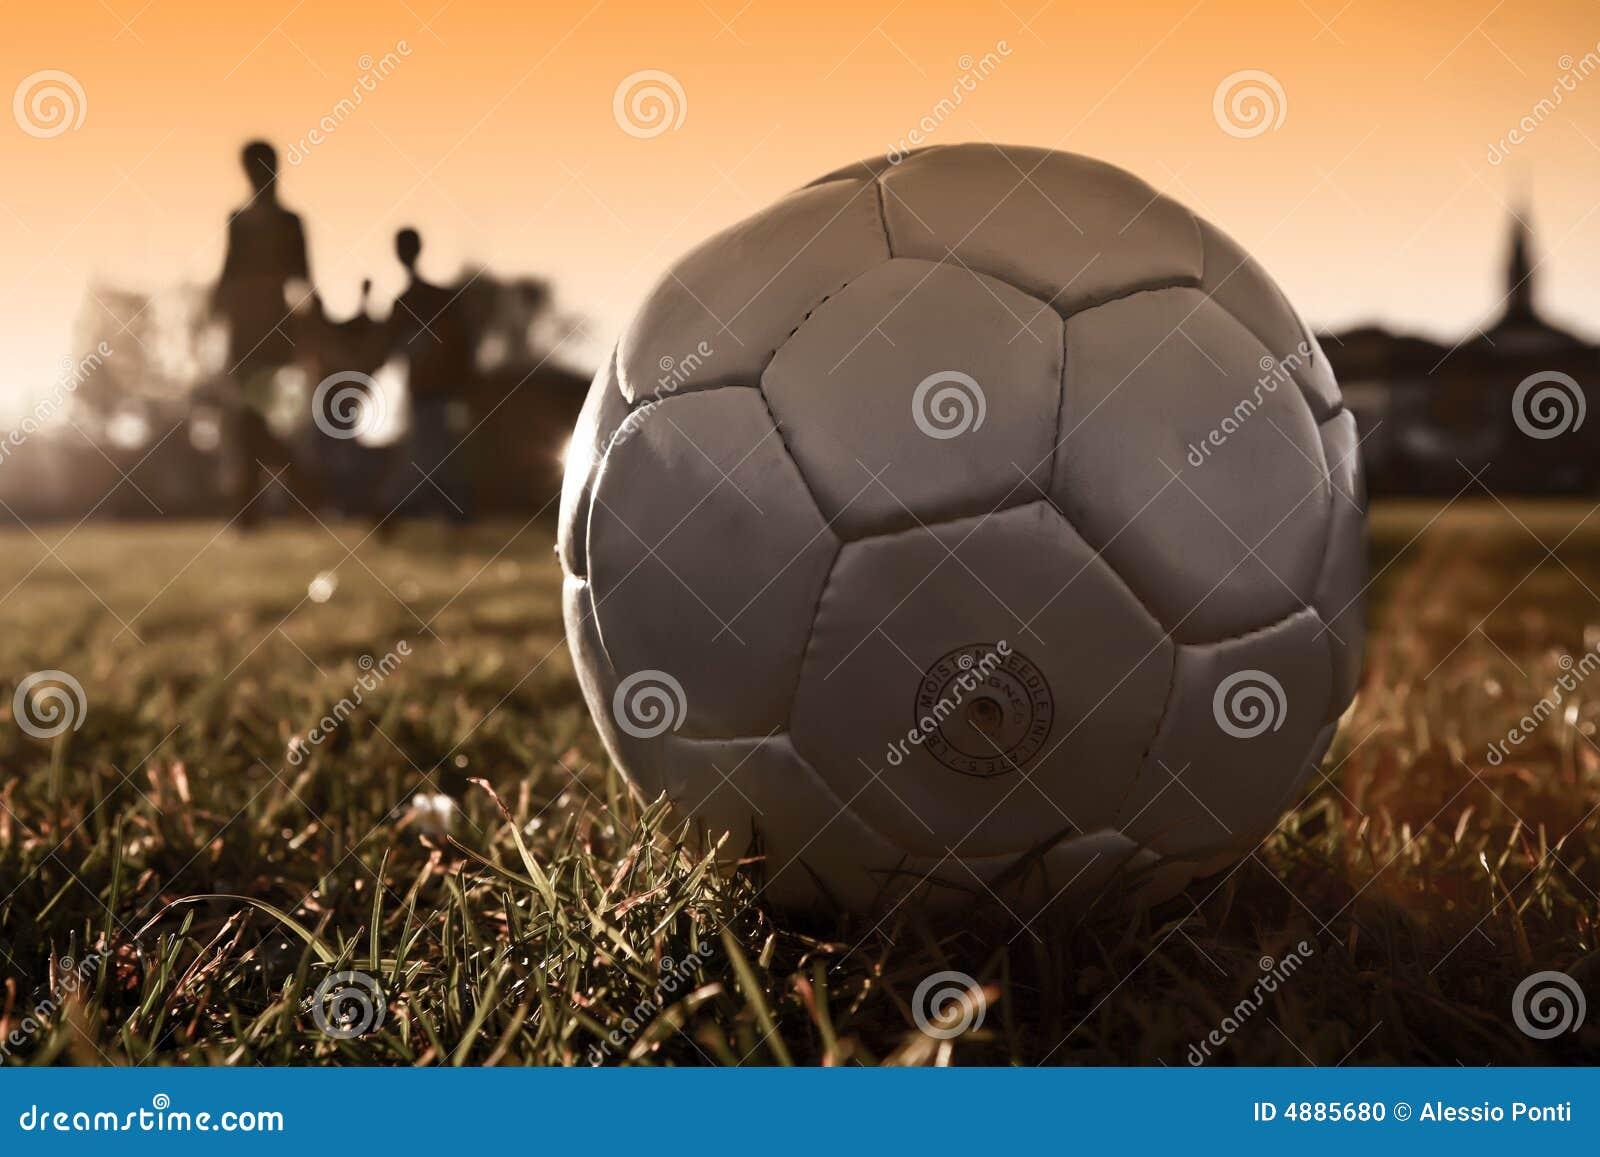 Balón de fútbol con la silueta de la gente en plata